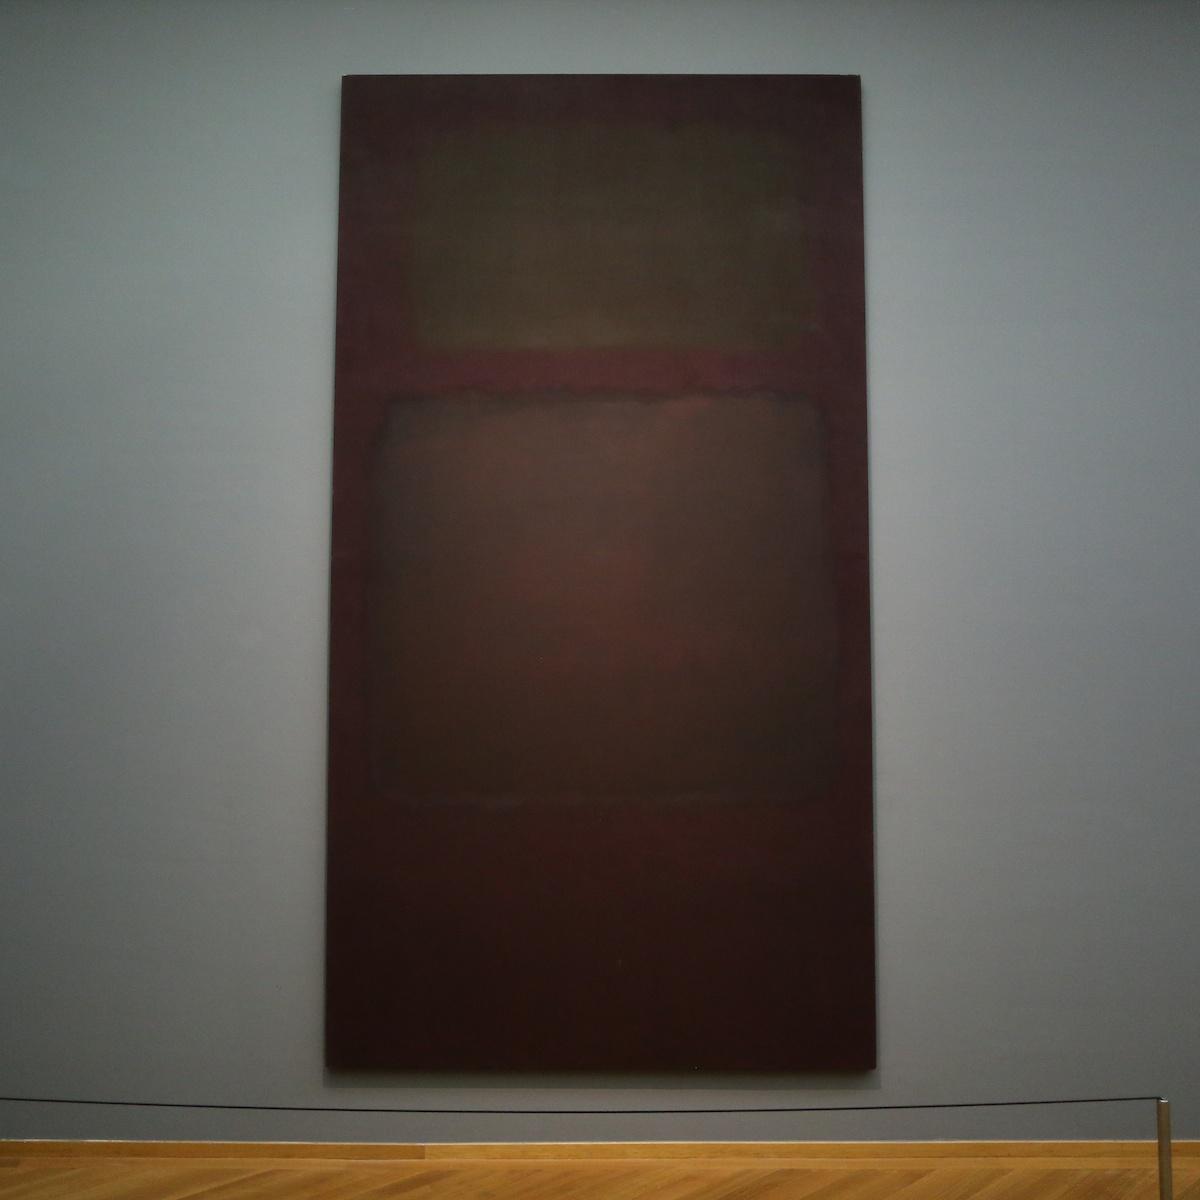 Mark Rothko x Gemeentemuseum Den Haag © Pulp Collectors  1